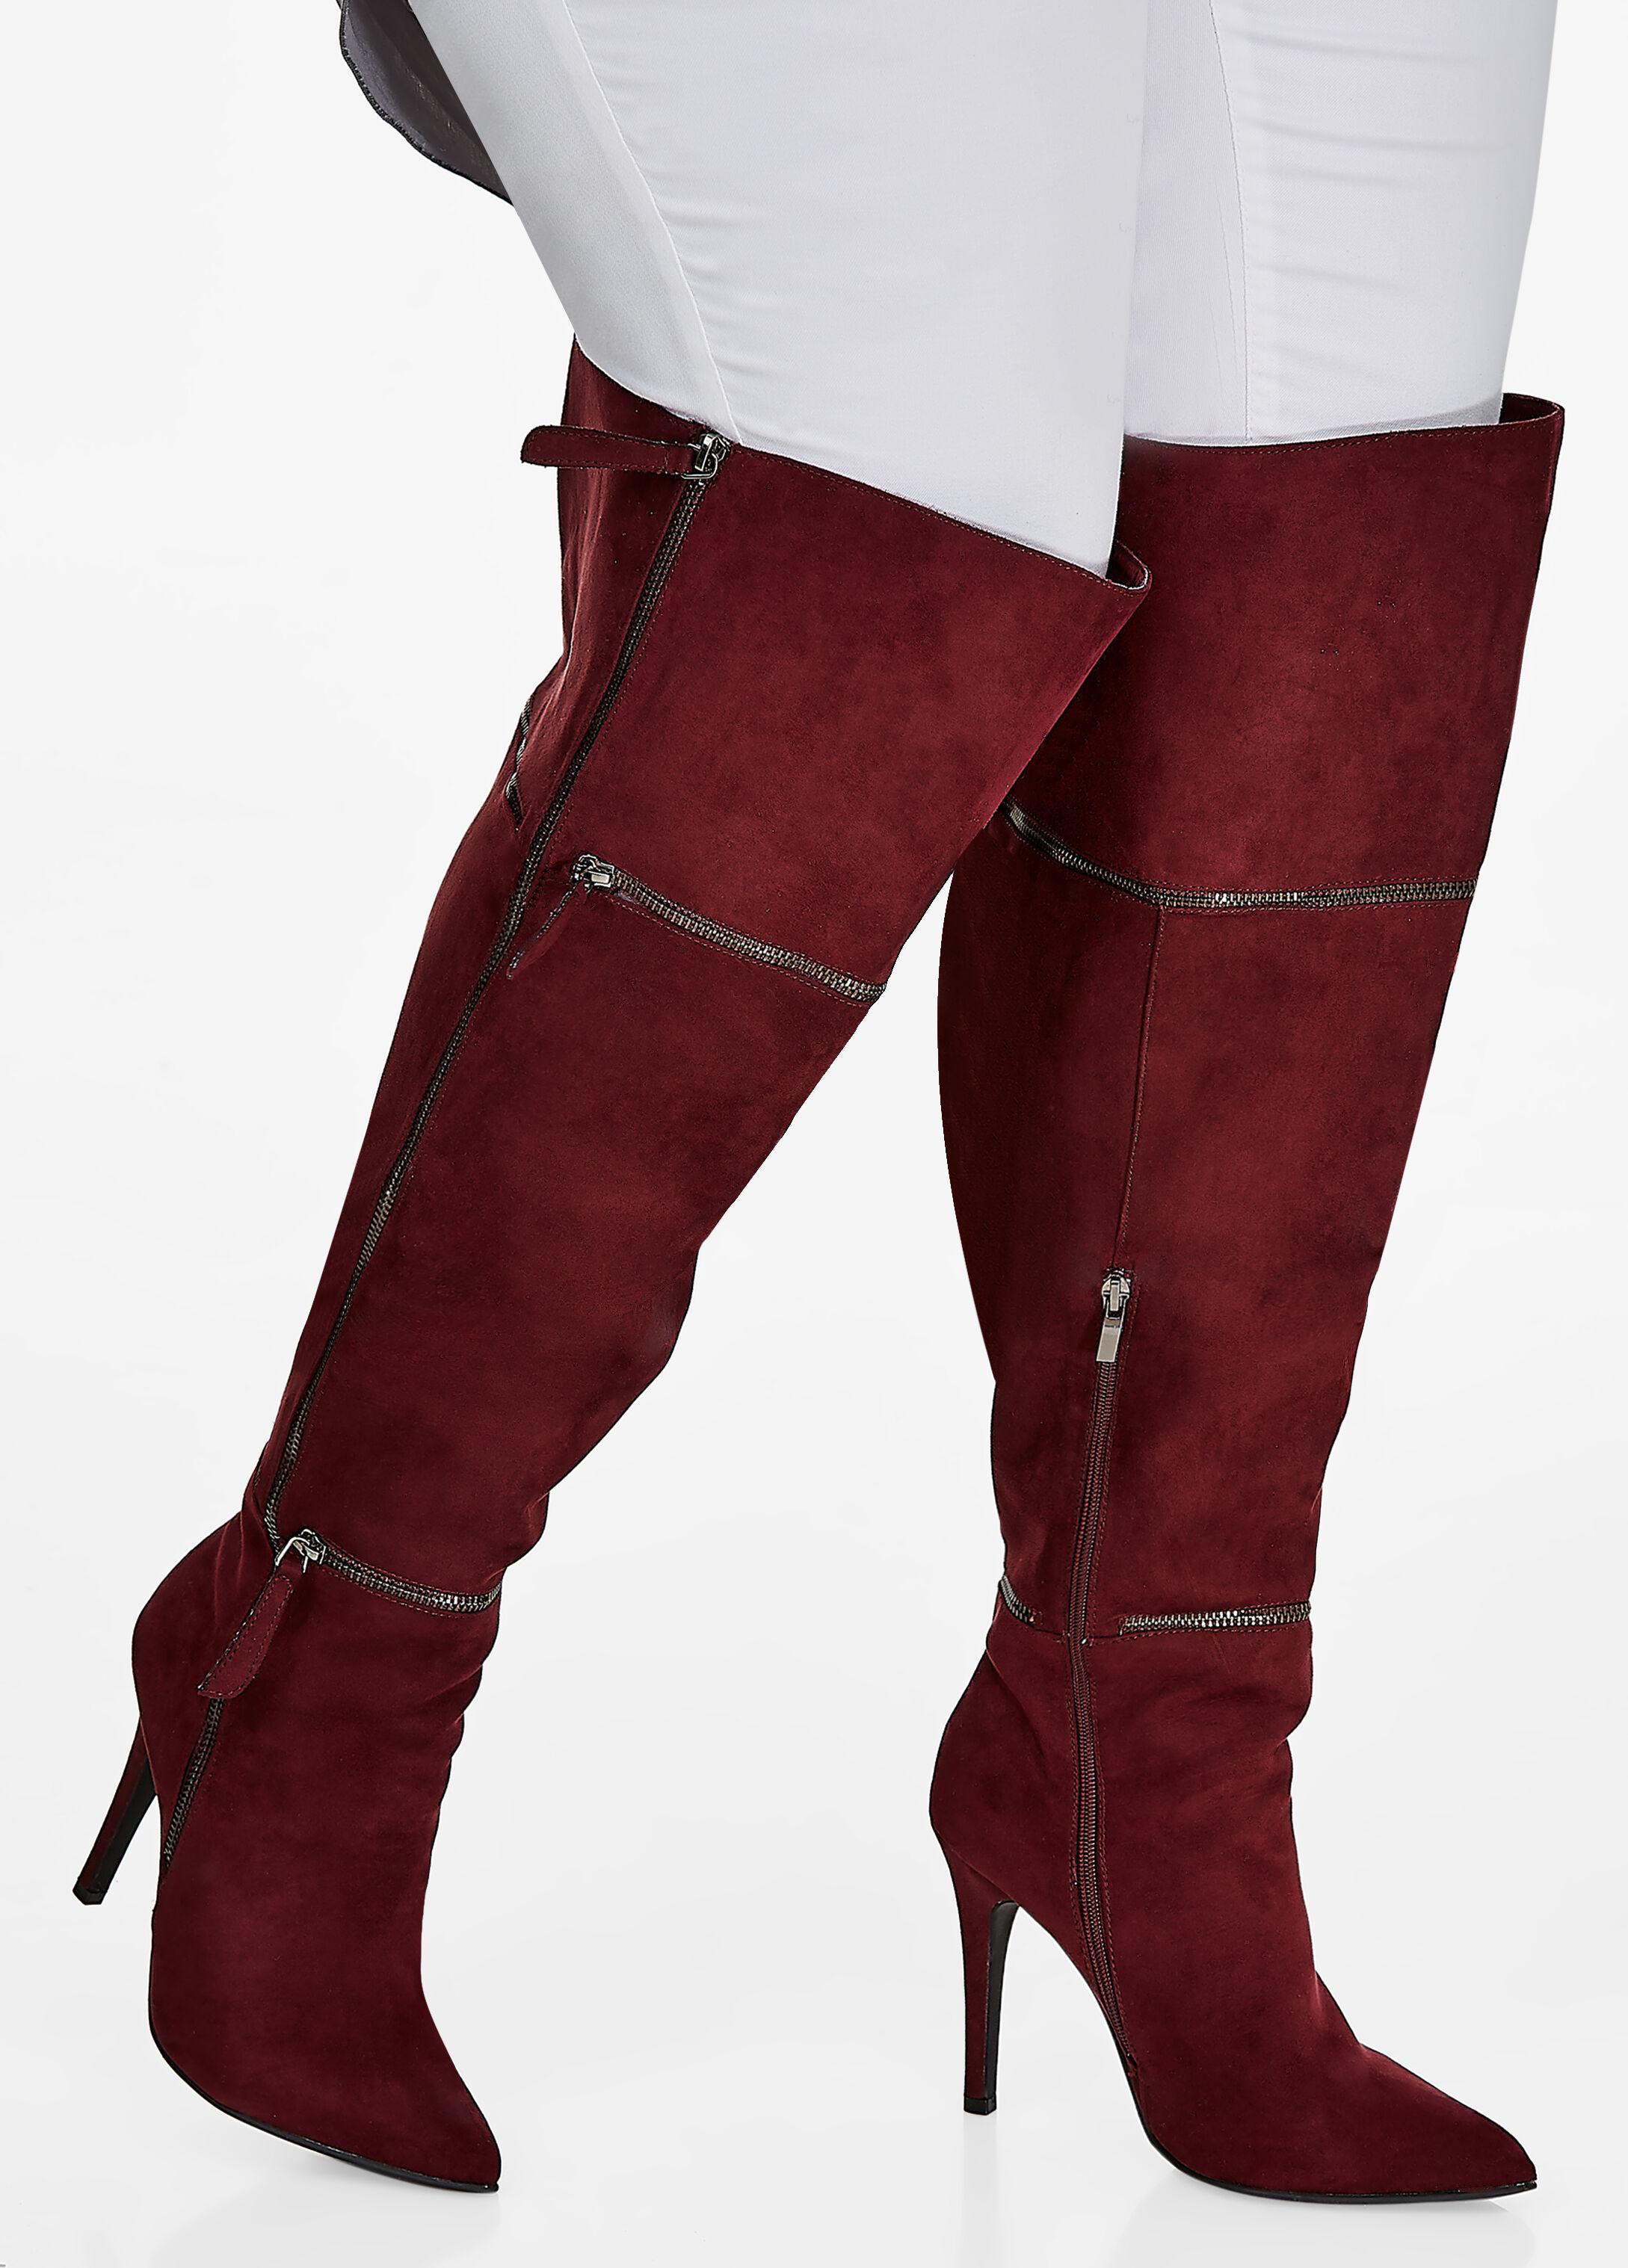 Over-the-Knee Multi-Zip Heeled Boots - Medium Width, Wide Calf